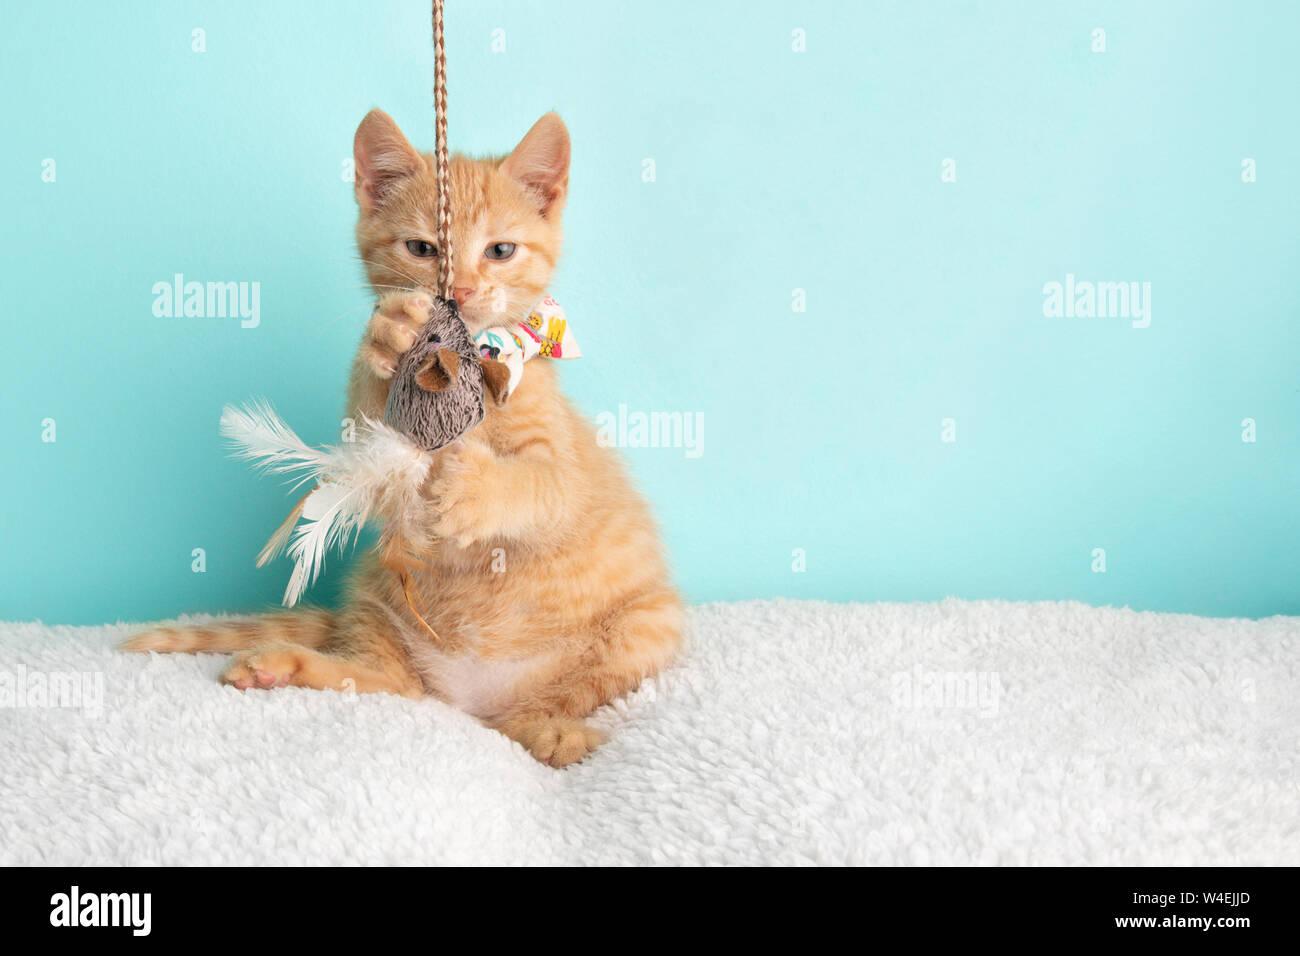 Jeune chat tabby Kitten Rescue Orange vêtu de blanc Noeud Papillon Fleur assis drôle de jouer avec String et la souris jouet sur fond bleu Banque D'Images